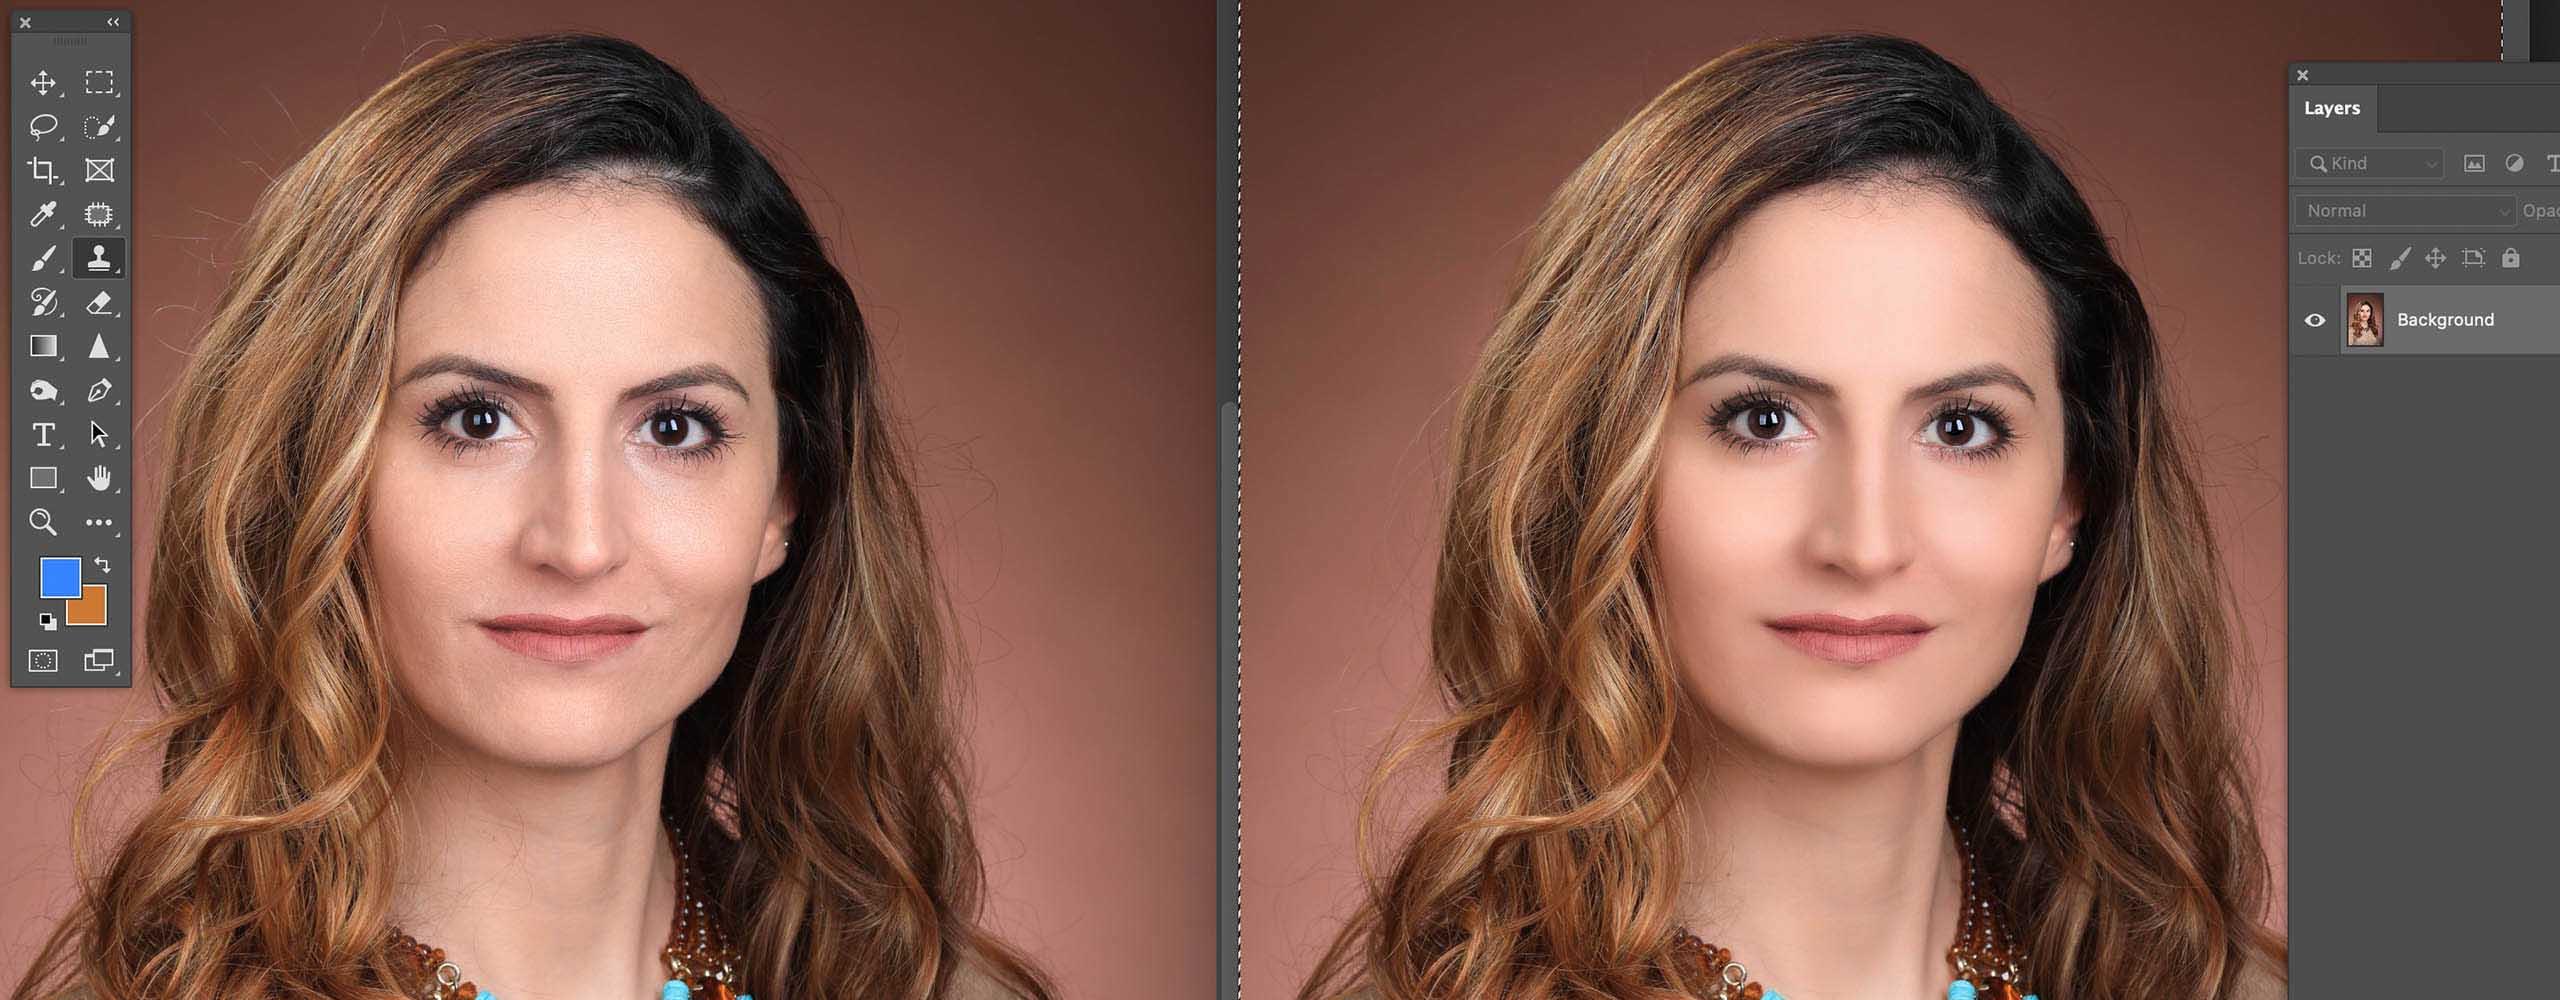 retouching example of a female headshot